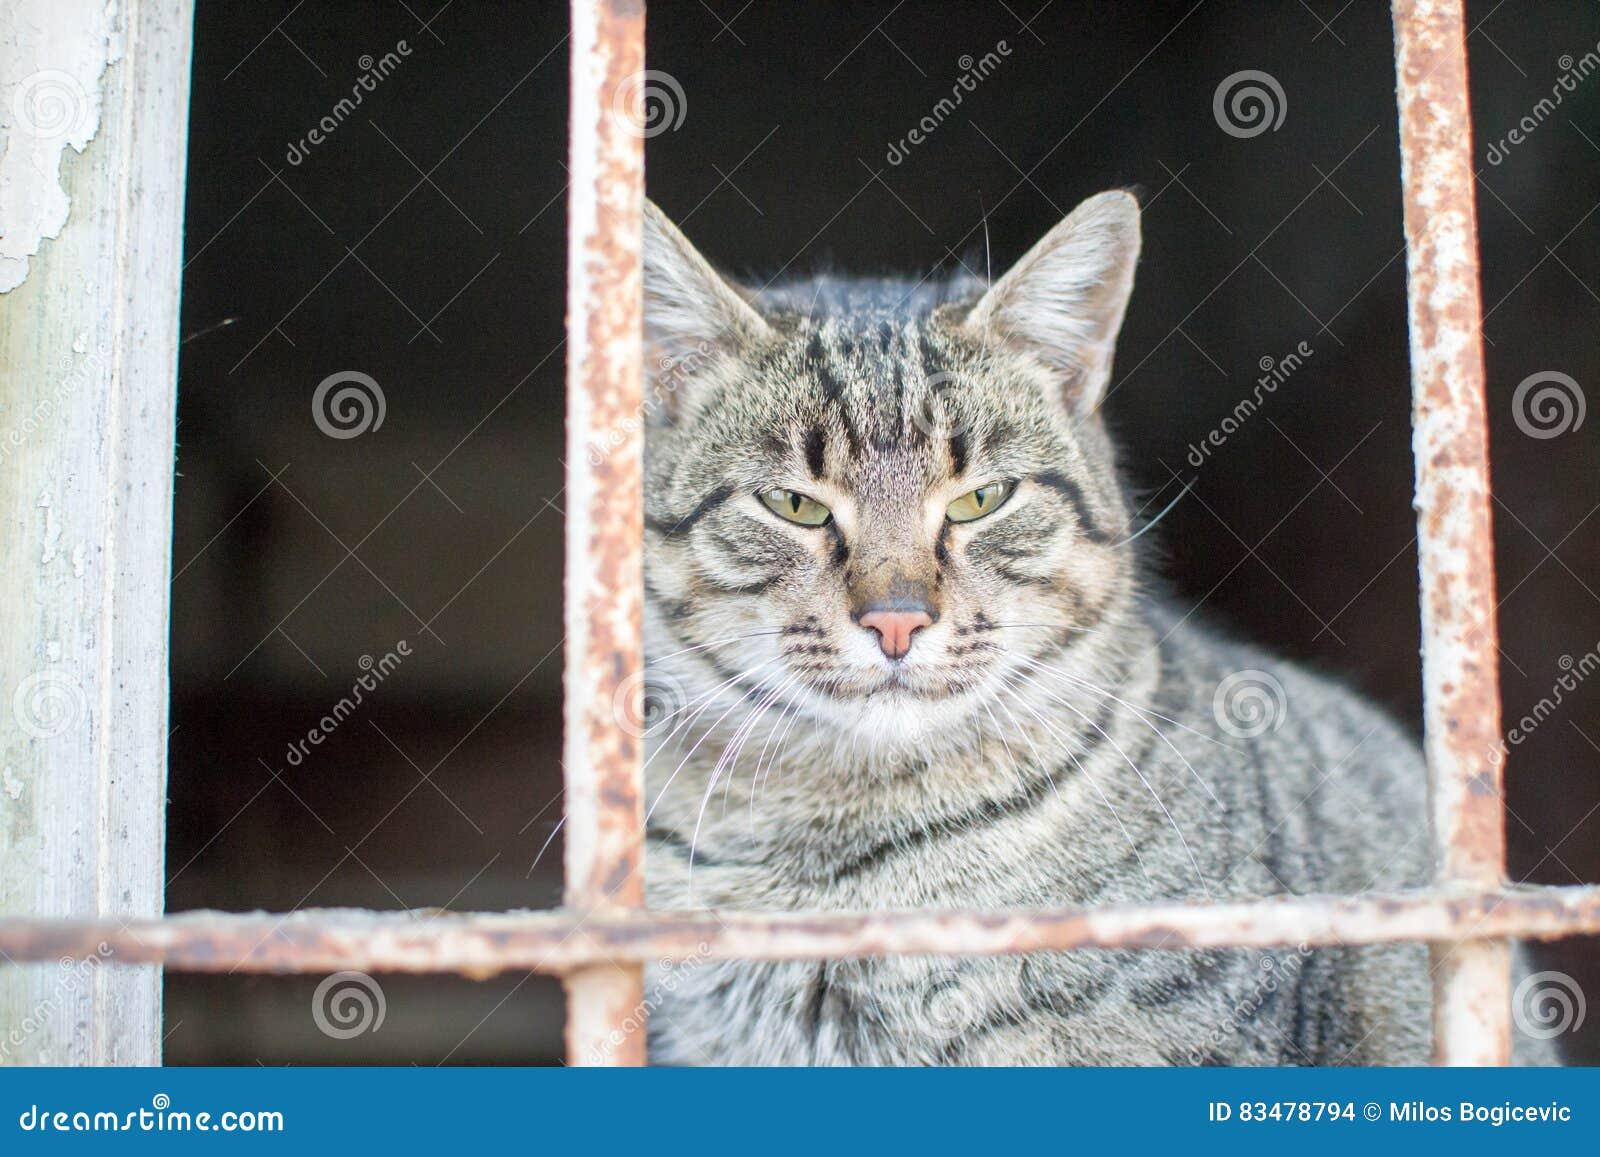 Śliczny mały kot pozuje dla fotografii